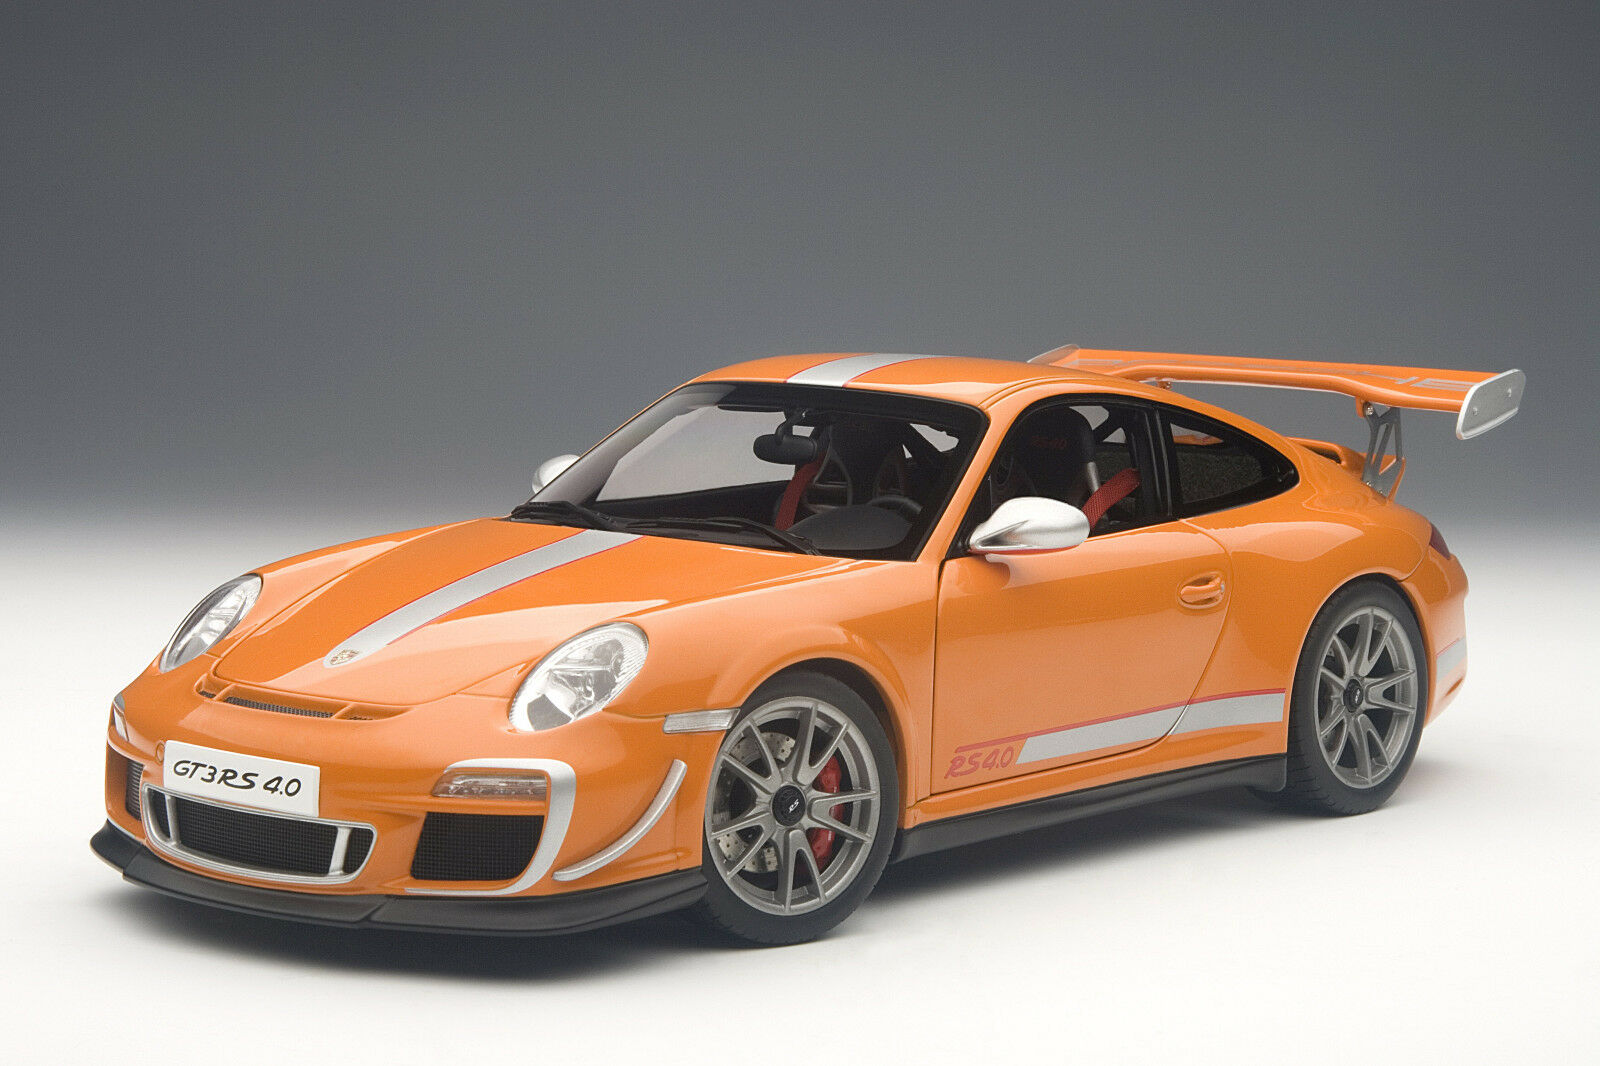 acquista online Autoart 78148 PORSCHE 911 (997) gt3 RS 4.0 2011 2011 2011 in arancione 1 18 NUOVO OVP  prodotti creativi